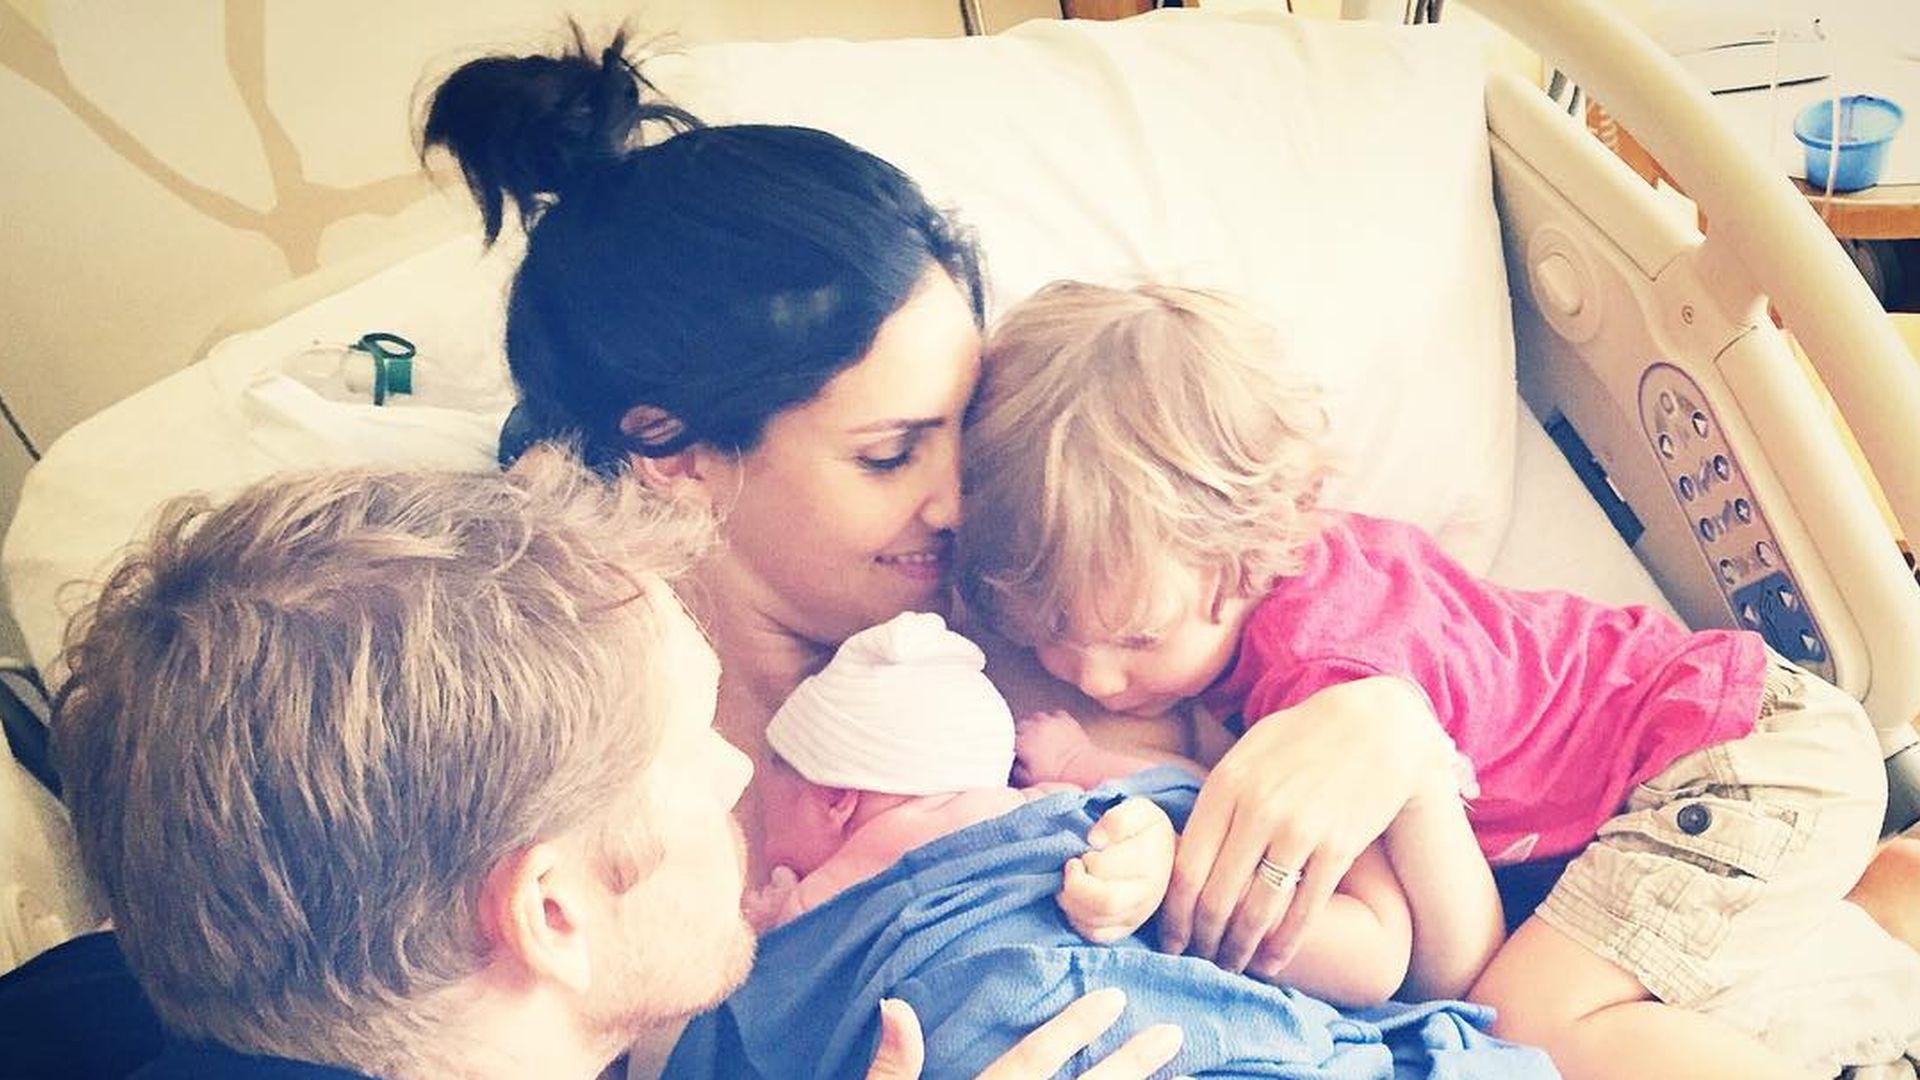 Baby alarm navy cis star hat ihr 2 kind bekommen promiflash voltagebd Images